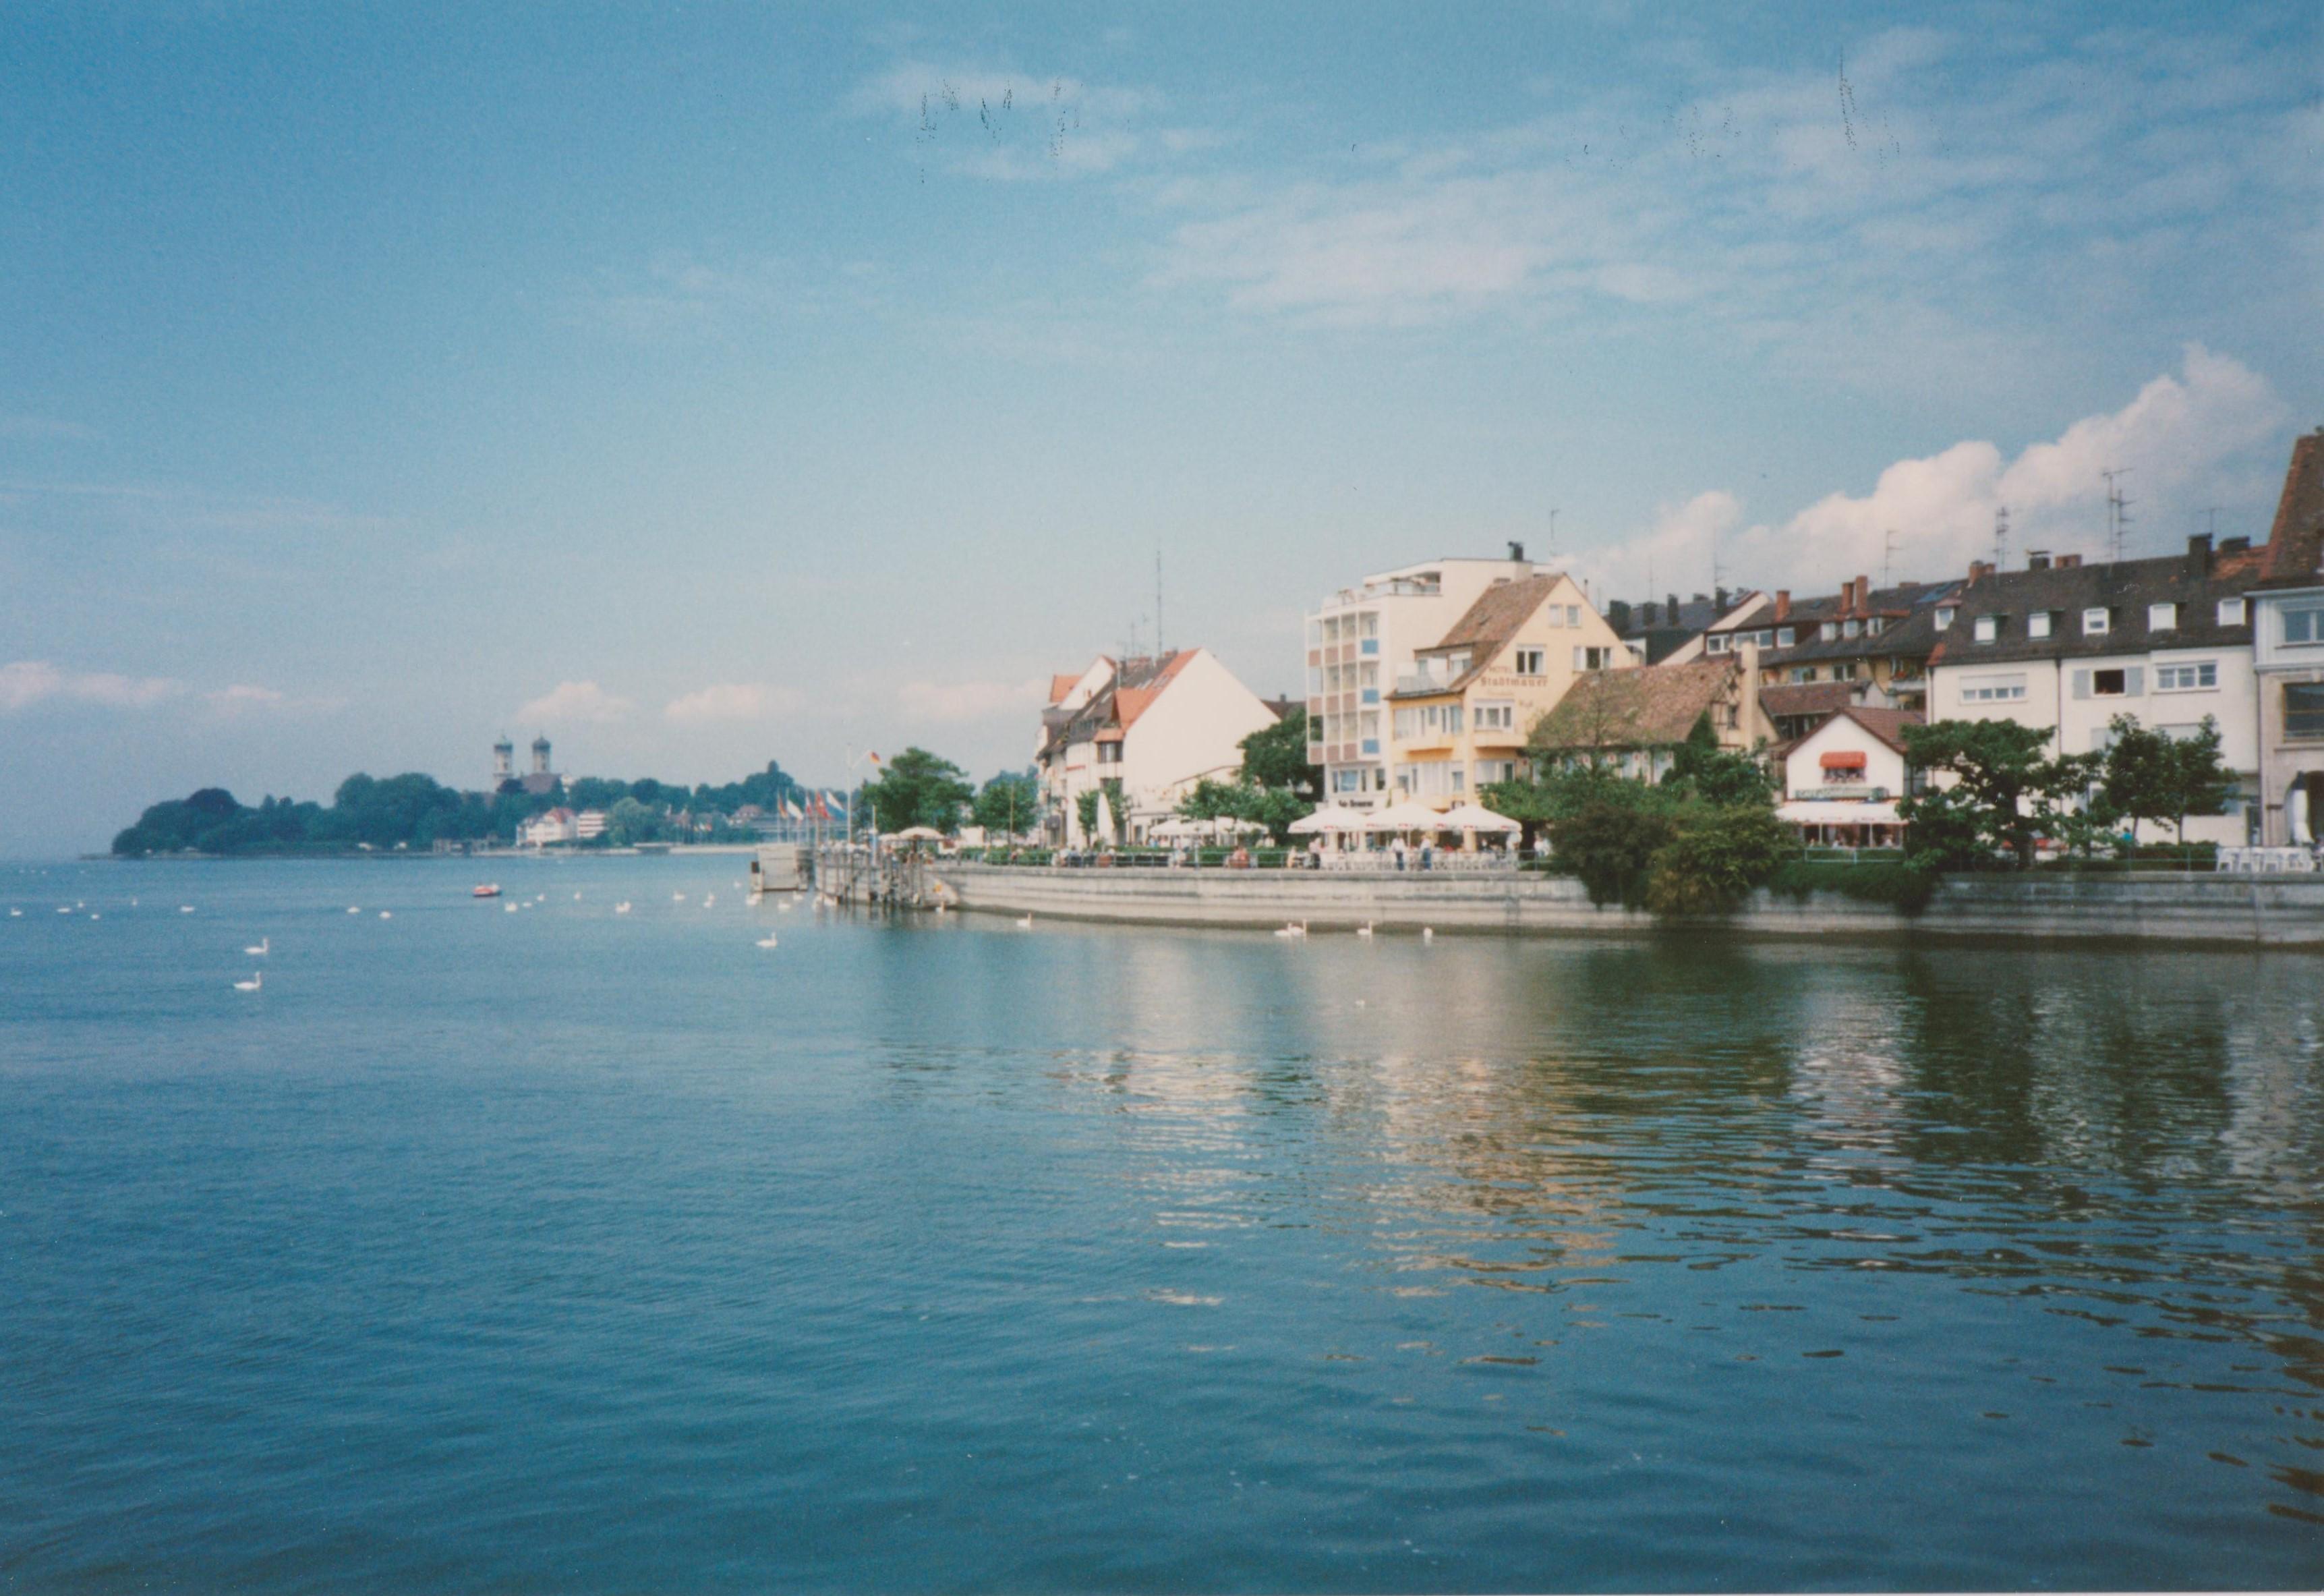 Lake Constance, Friedrischshafen